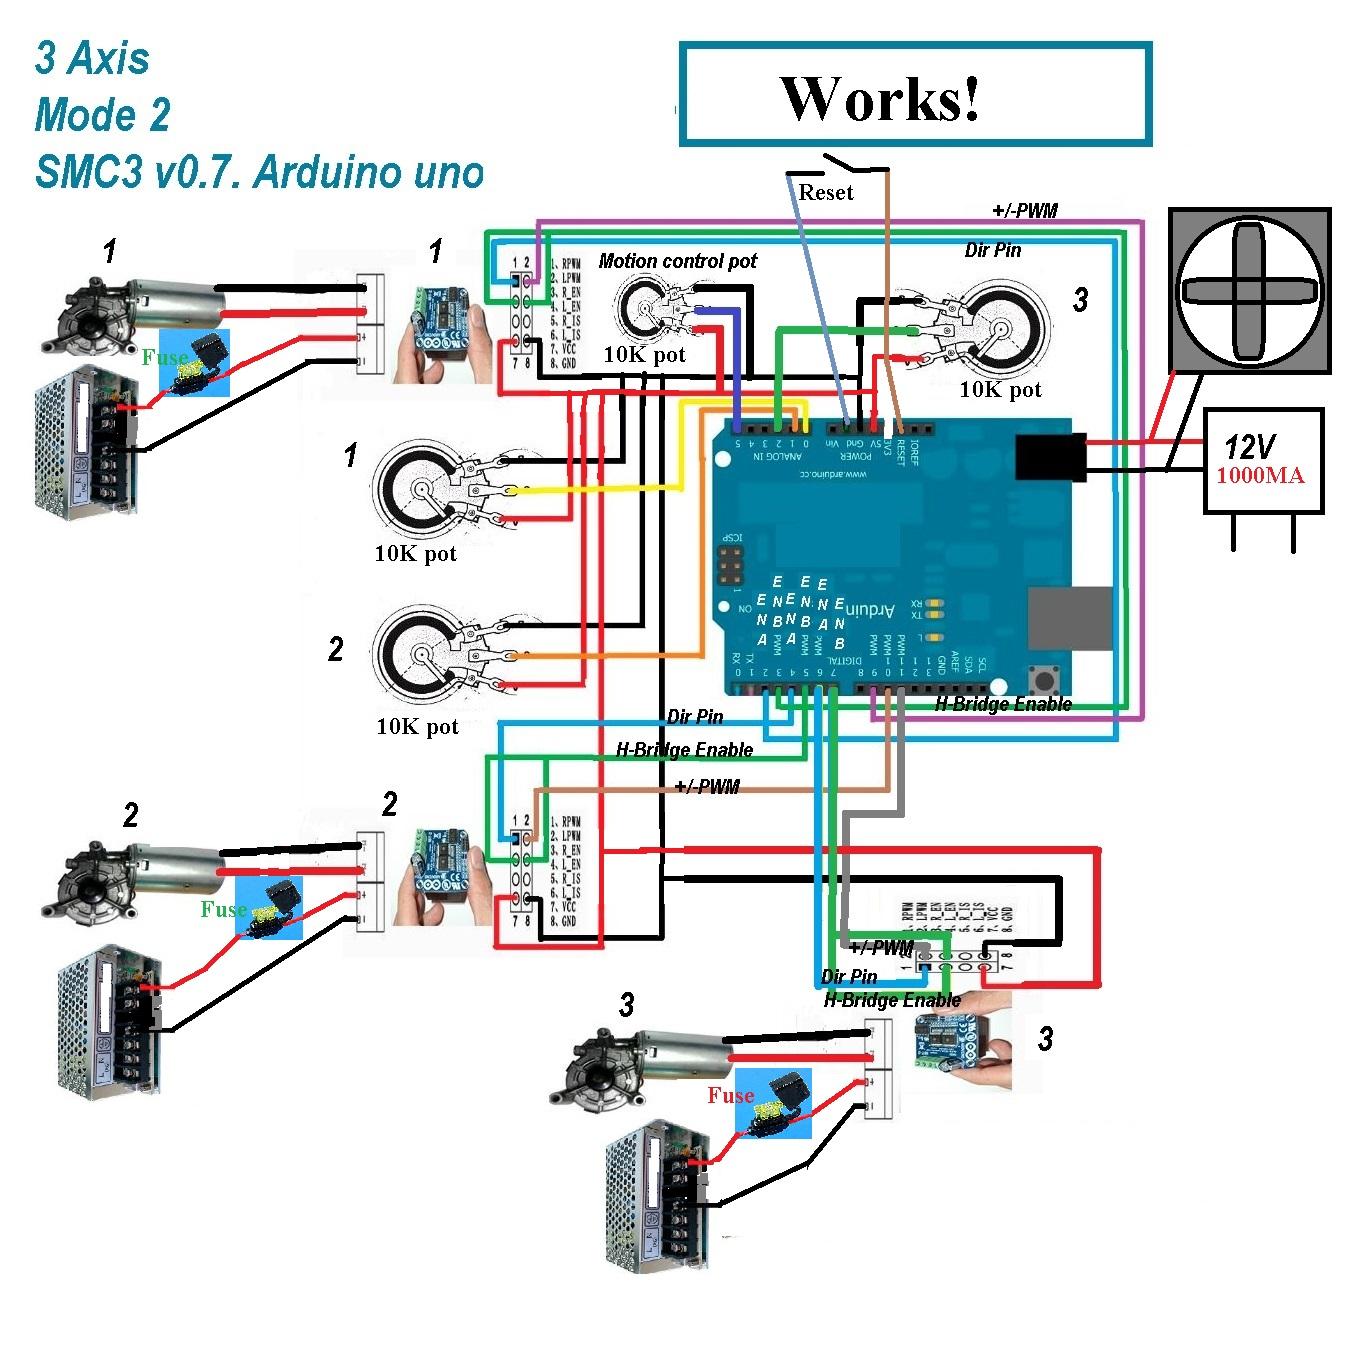 3Motors_werkend_zekeringen_update_reset.jpg